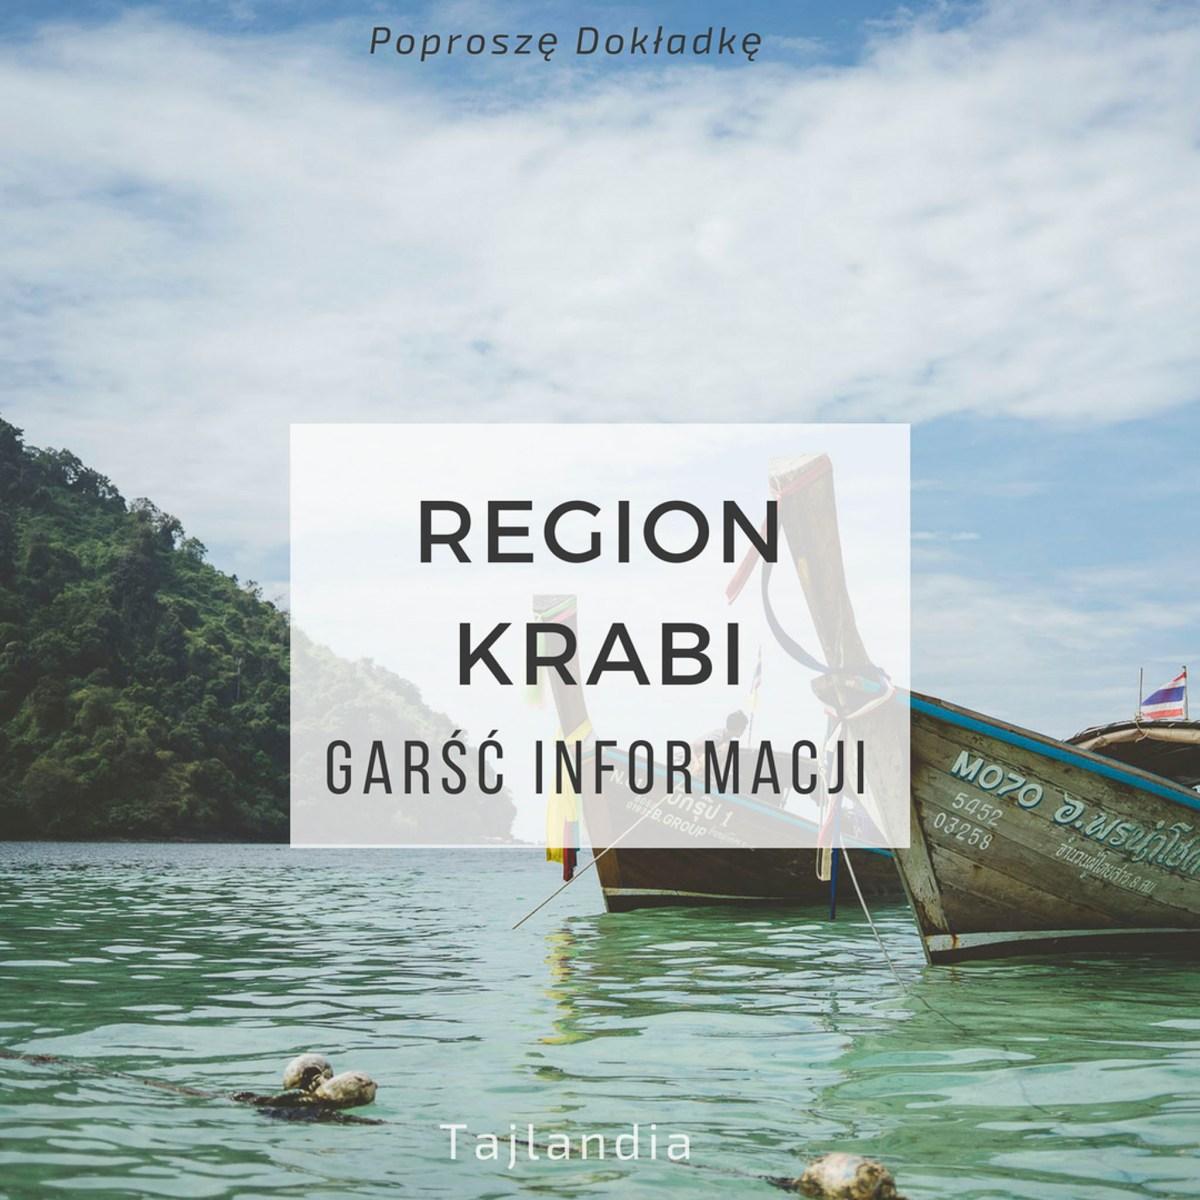 Prowincja Krabi, Tajlandia - garść informacji, gdzie warto się zatrzymać, co zobaczyć